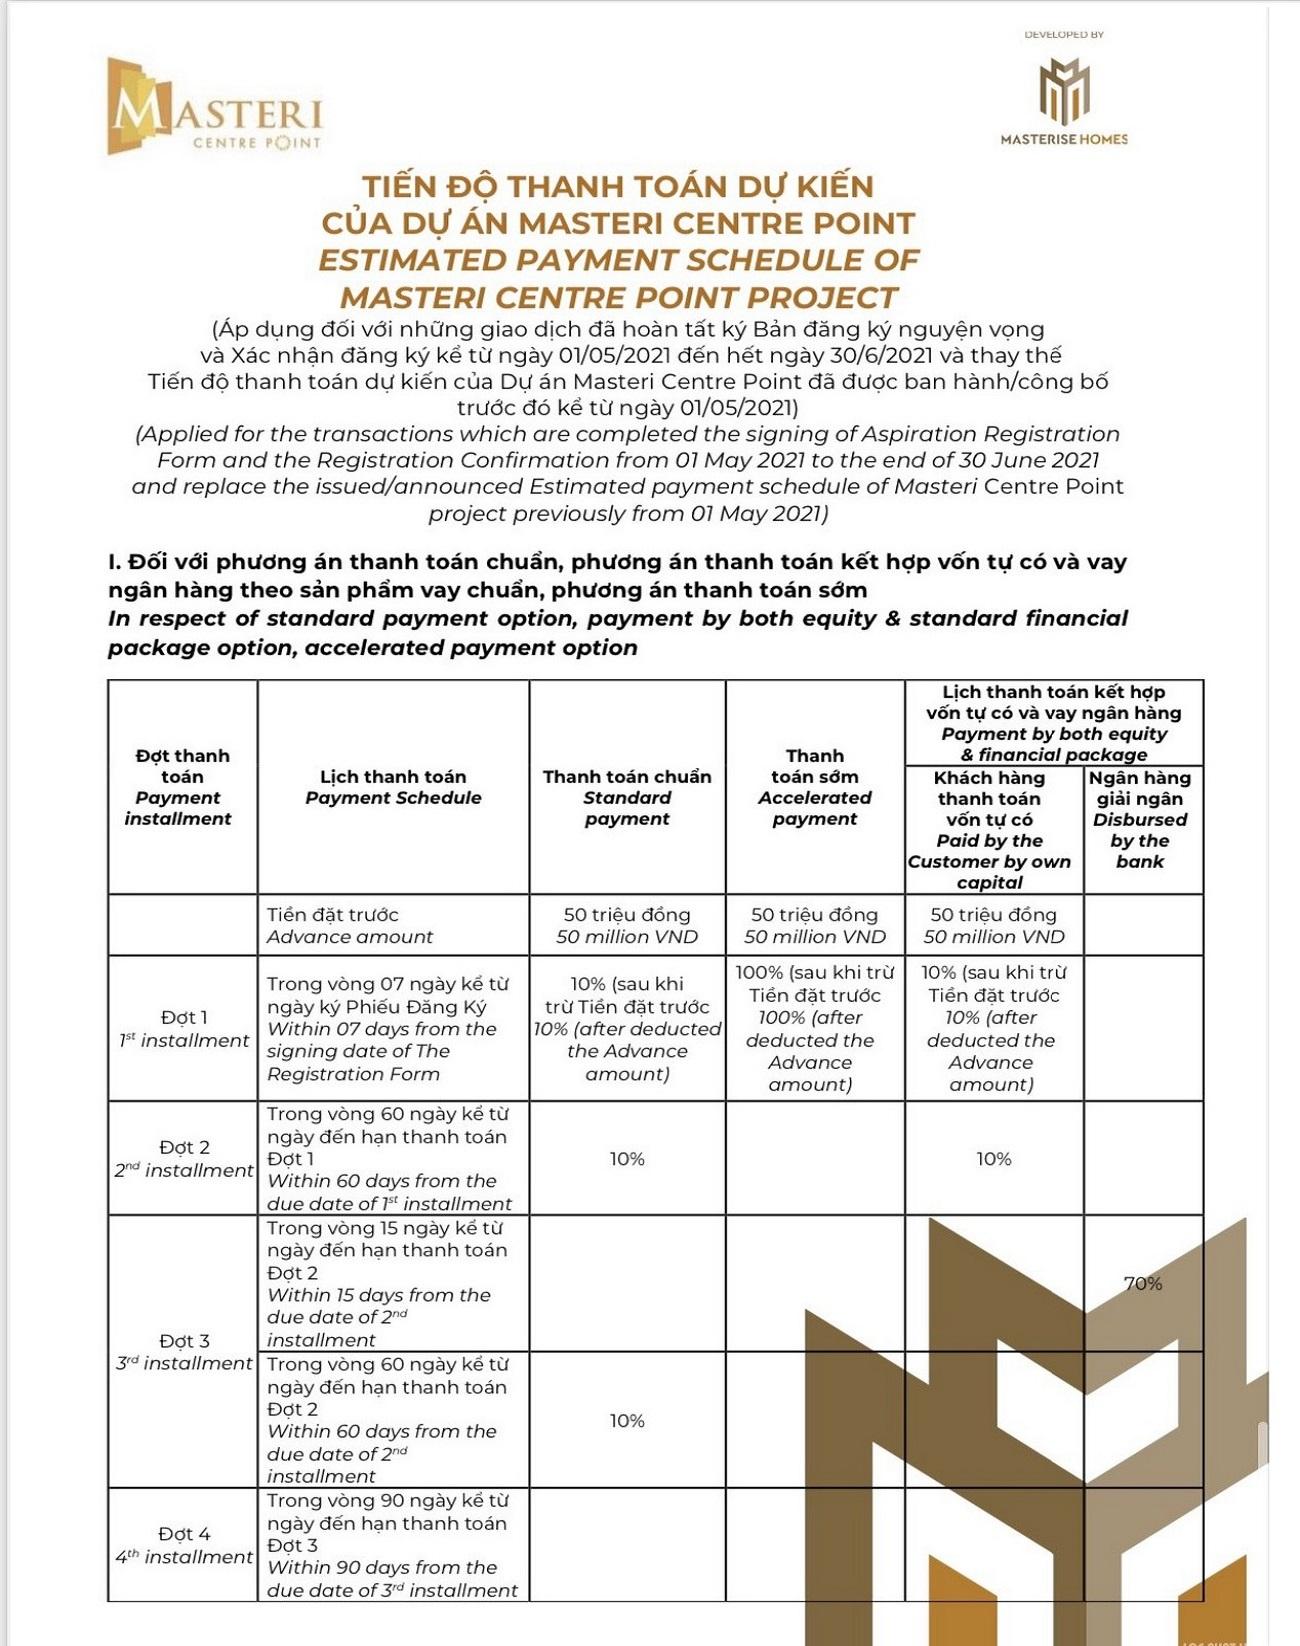 Phương thức thanh toán Masteri Centre Point mới nhất tháng 5/2021